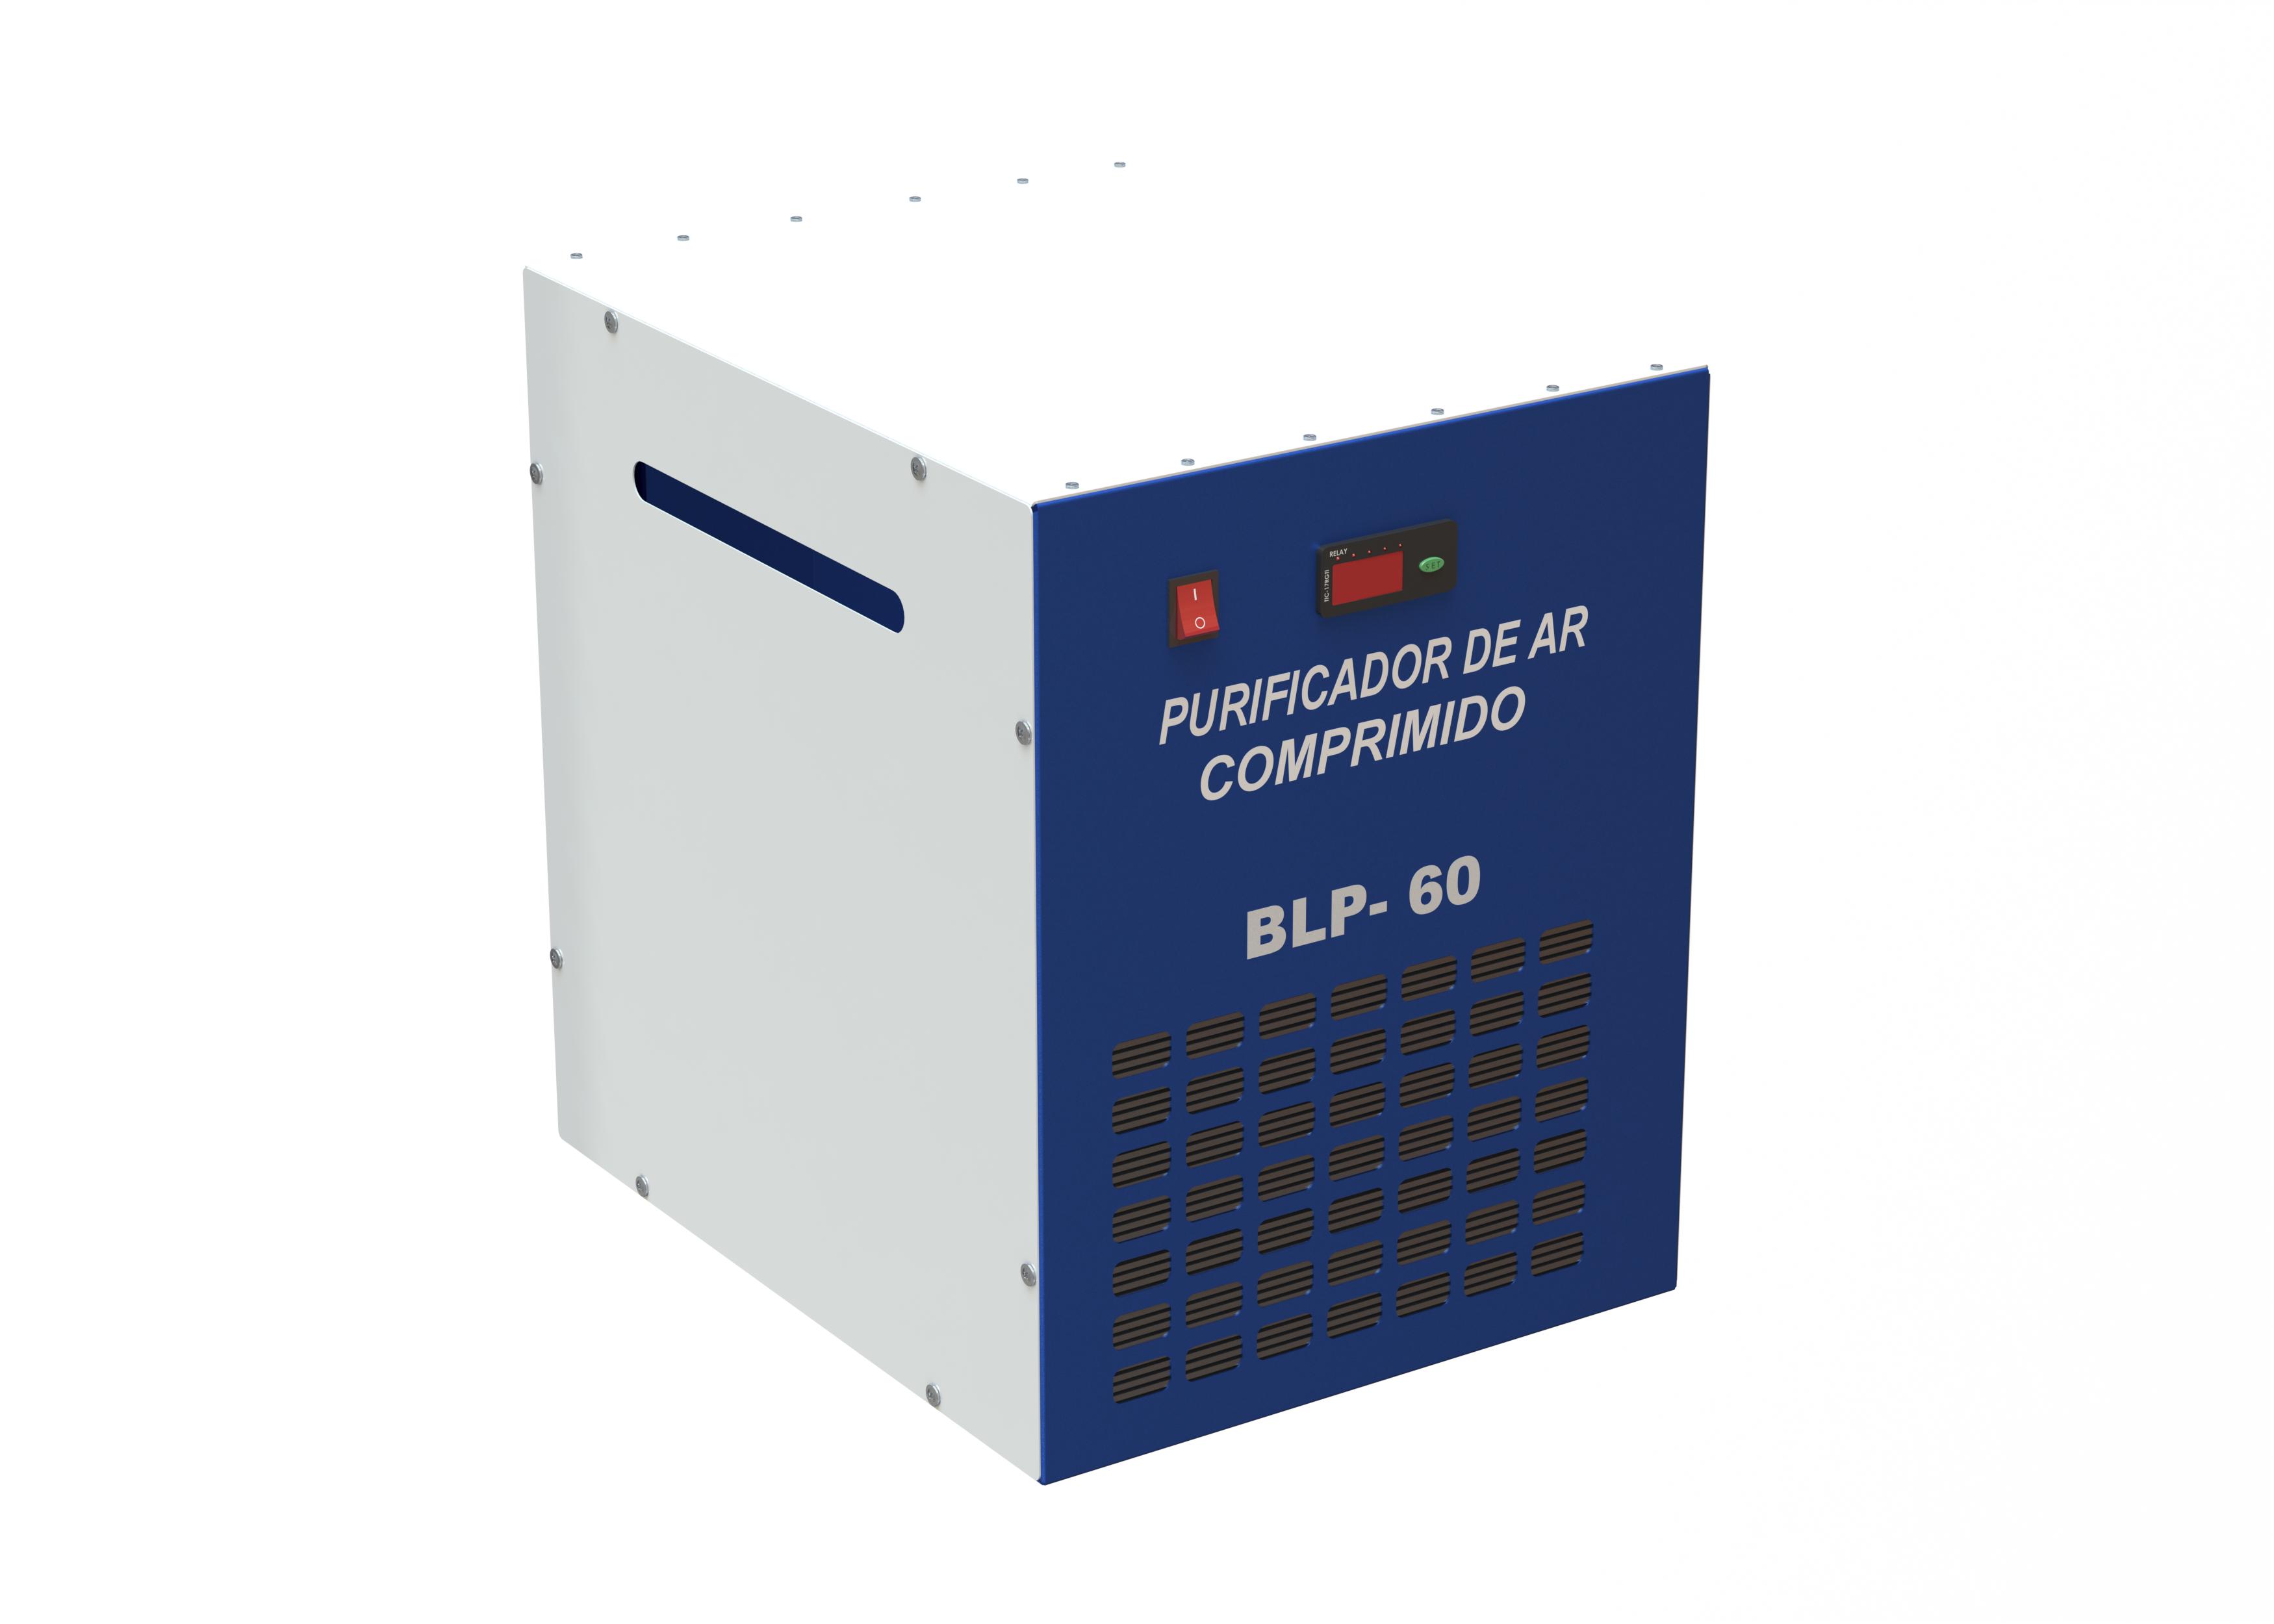 BLP-60